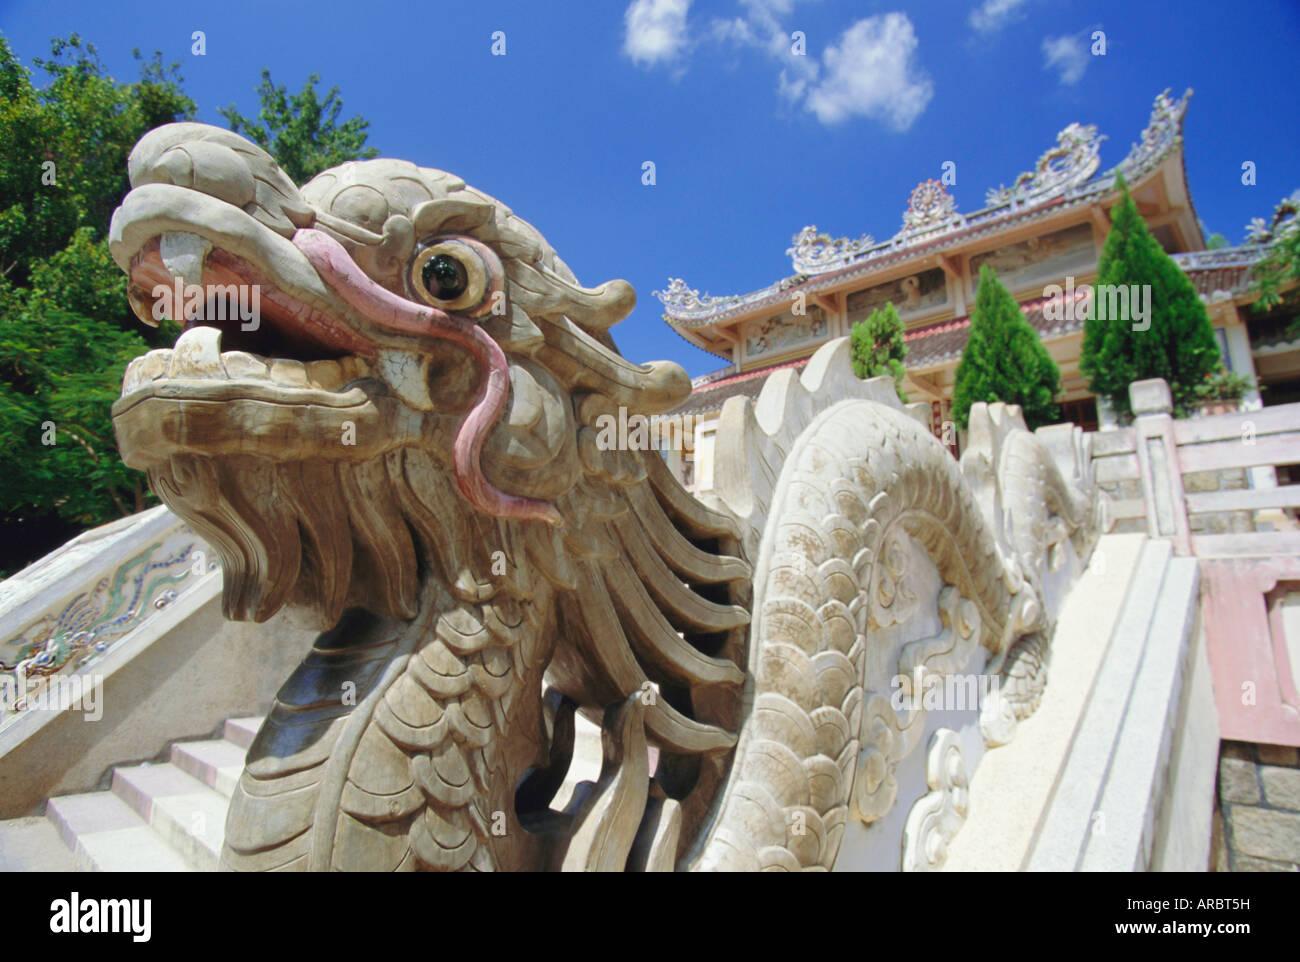 Dragon at the Long Son Pagoda, Nha Trang, Vietnam, Indochina, Asia Stock Photo